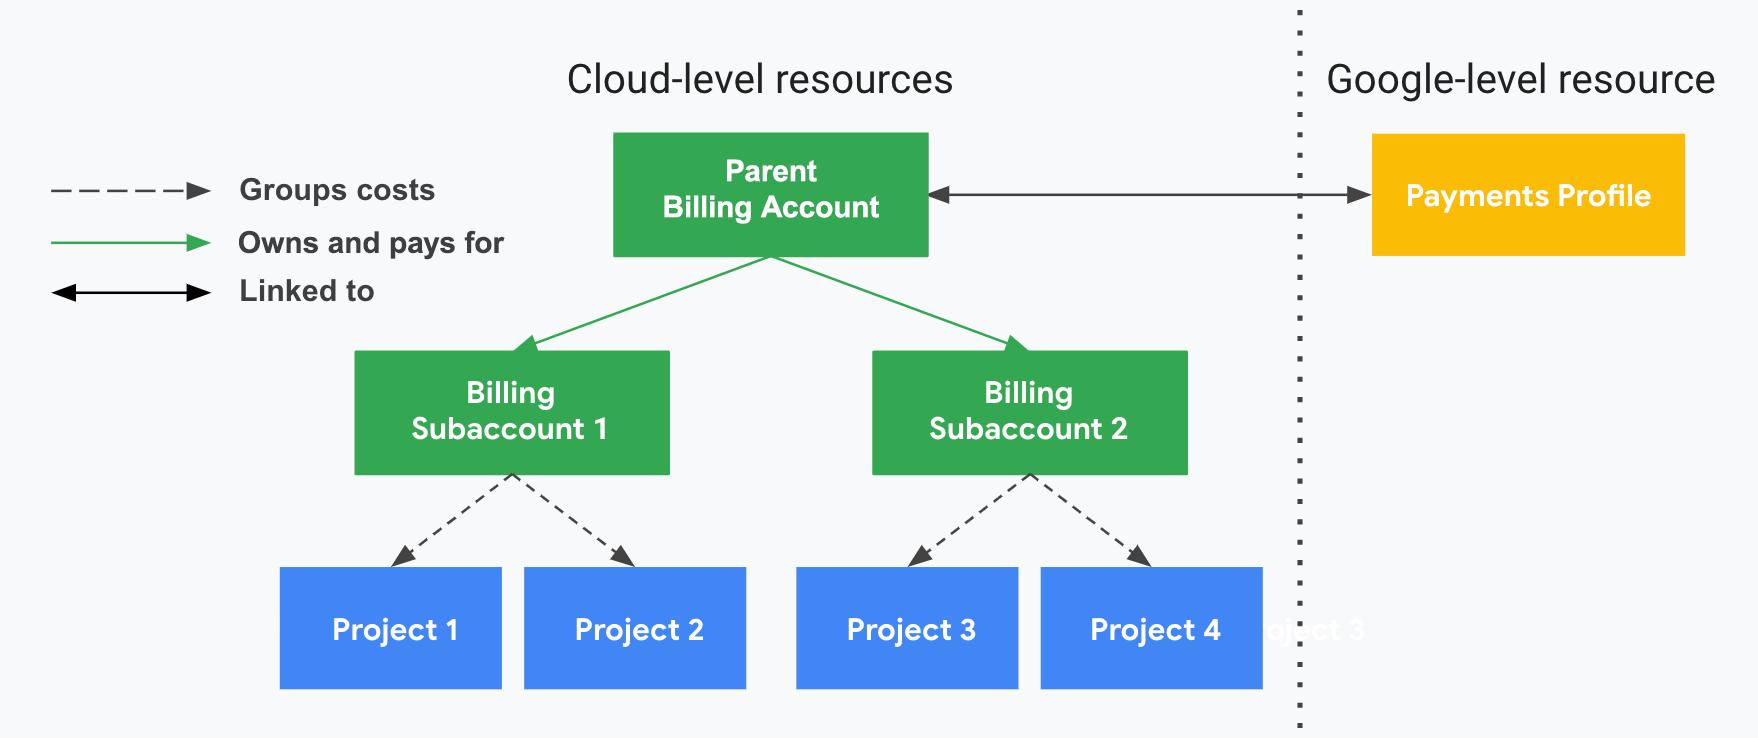 プロジェクトが Cloud 請求先アカウント、Cloud 請求先サブアカウント、お支払いプロファイルとどのように関連しているかを示します。片方にはクラウドレベルのリソース(Cloud 請求先アカウント、サブアカウント、関連付けられたプロジェクト)が表示され、縦の破線で区切られたもう片方には Google レベルのリソース(お支払いプロファイル)が表示されます。プロジェクトの使用コストは、関連する Cloud 請求先サブアカウントでグループ化され、小計されます。サブアカウントの費用は、お支払いプロファイルにリンクされている、販売パートナーの親 Cloud 請求先アカウントによって支払われます。